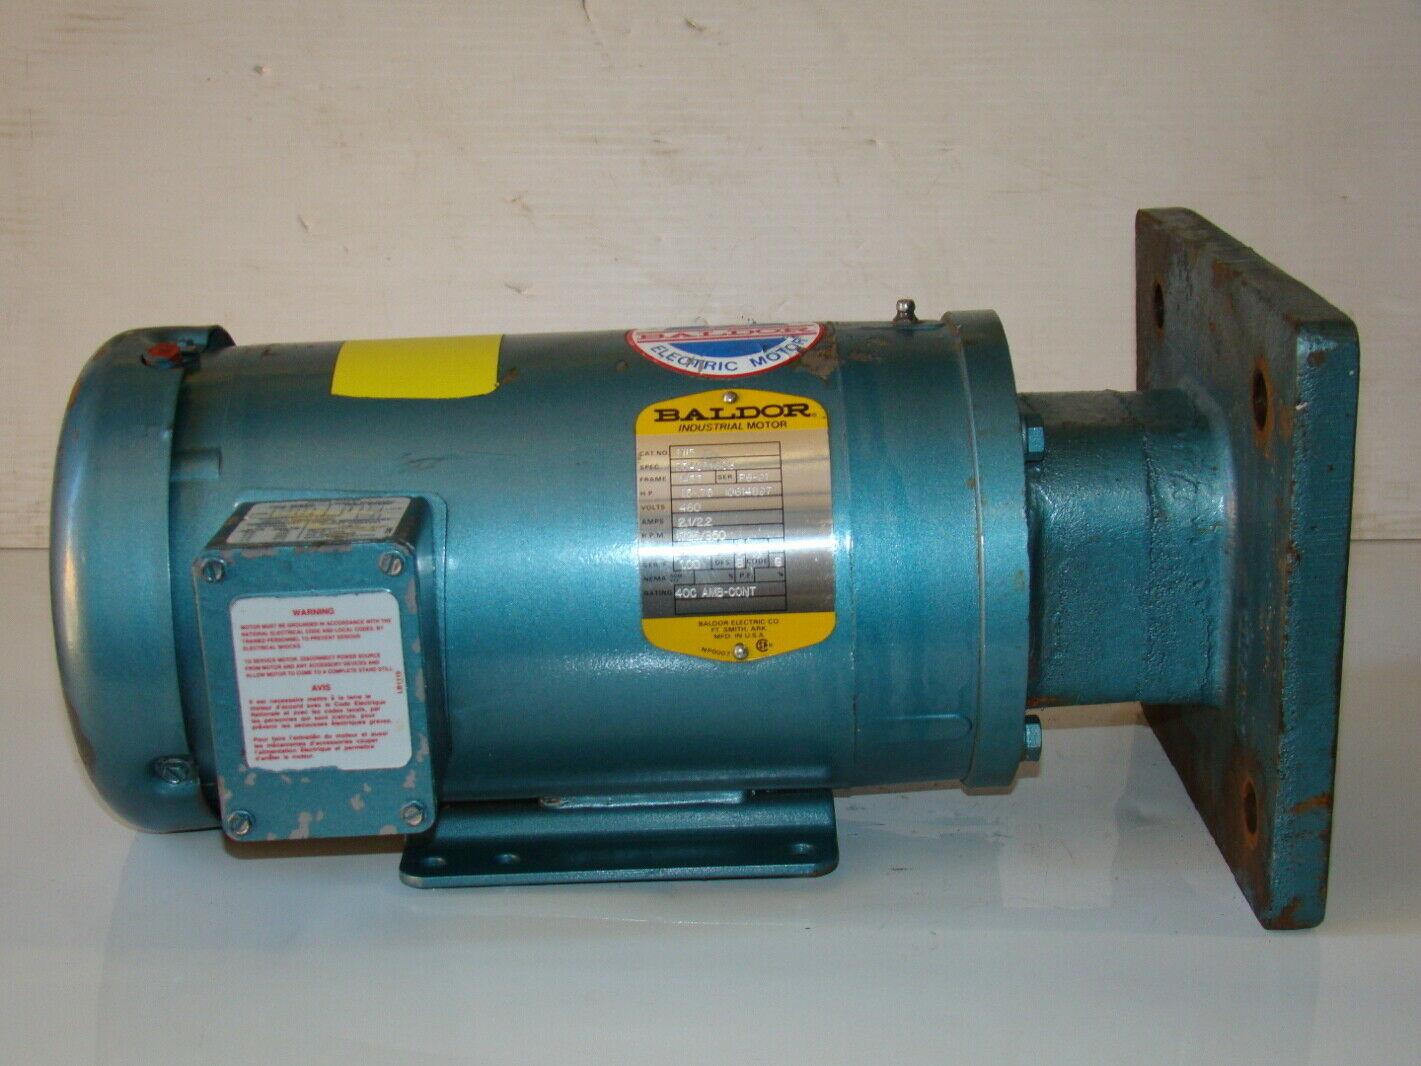 Baldor 1 5hp electric motor m15 ebay for Baldor 15 hp motor